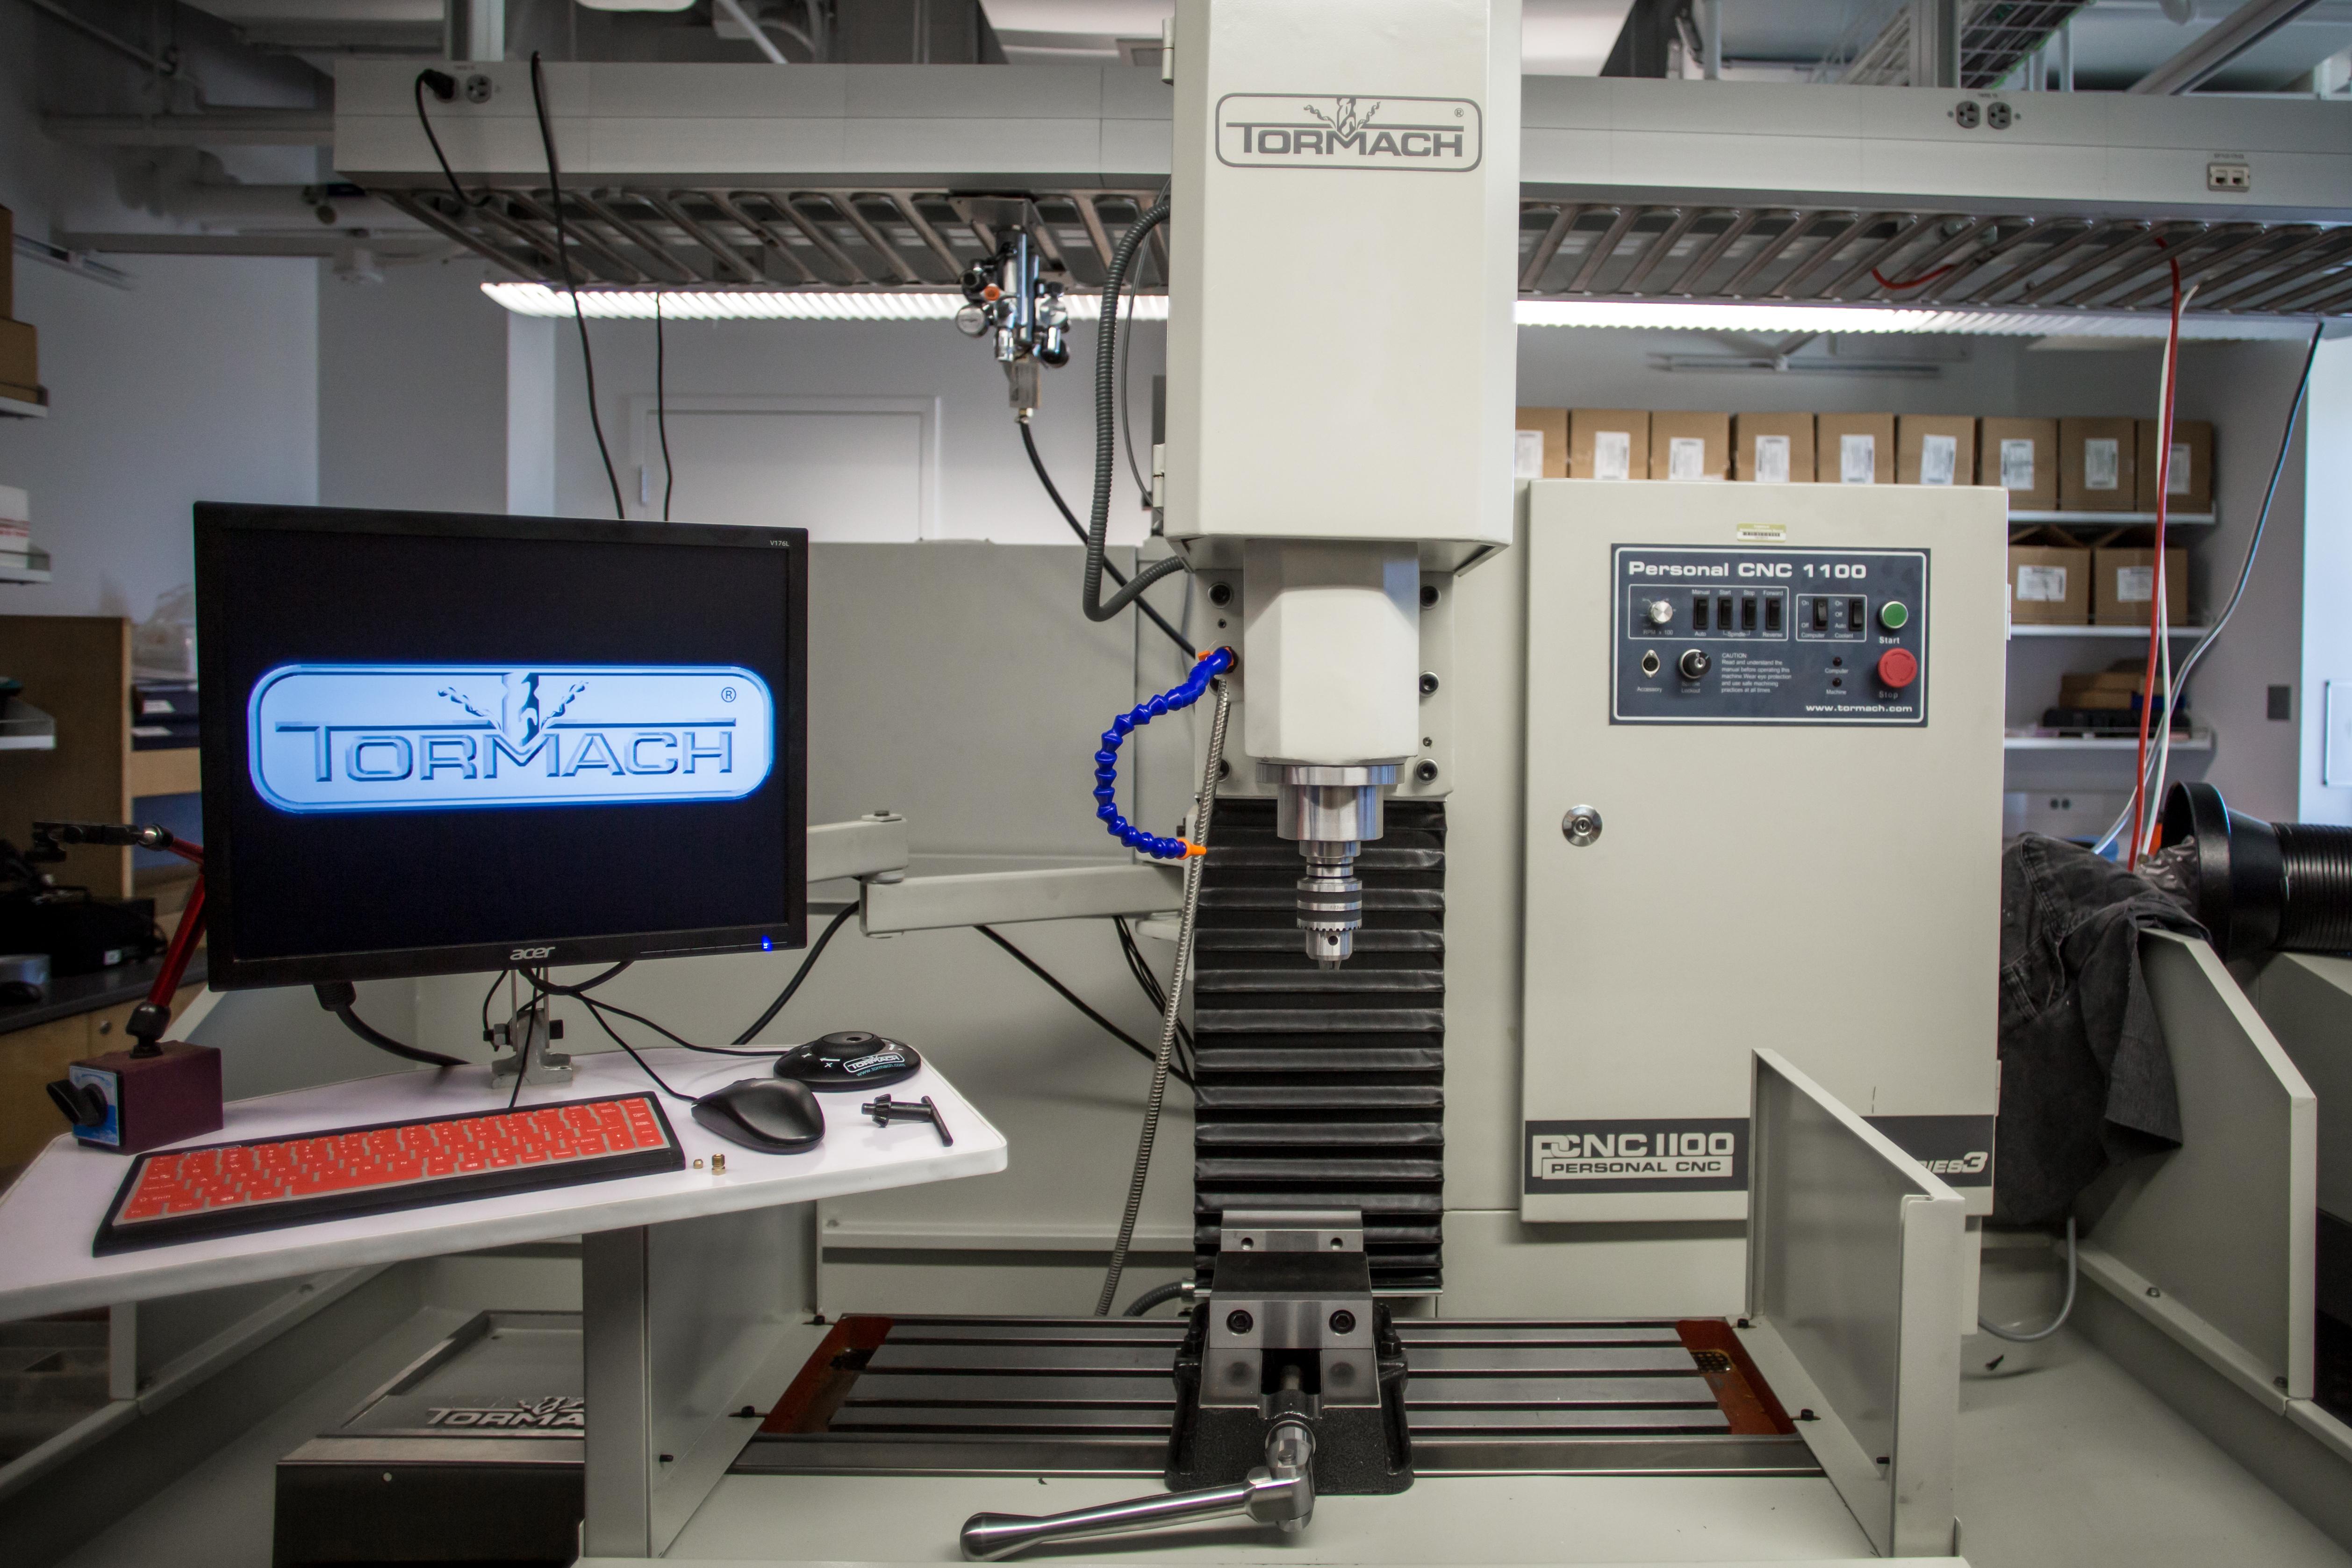 Tormach CNC Mill in the machine shop